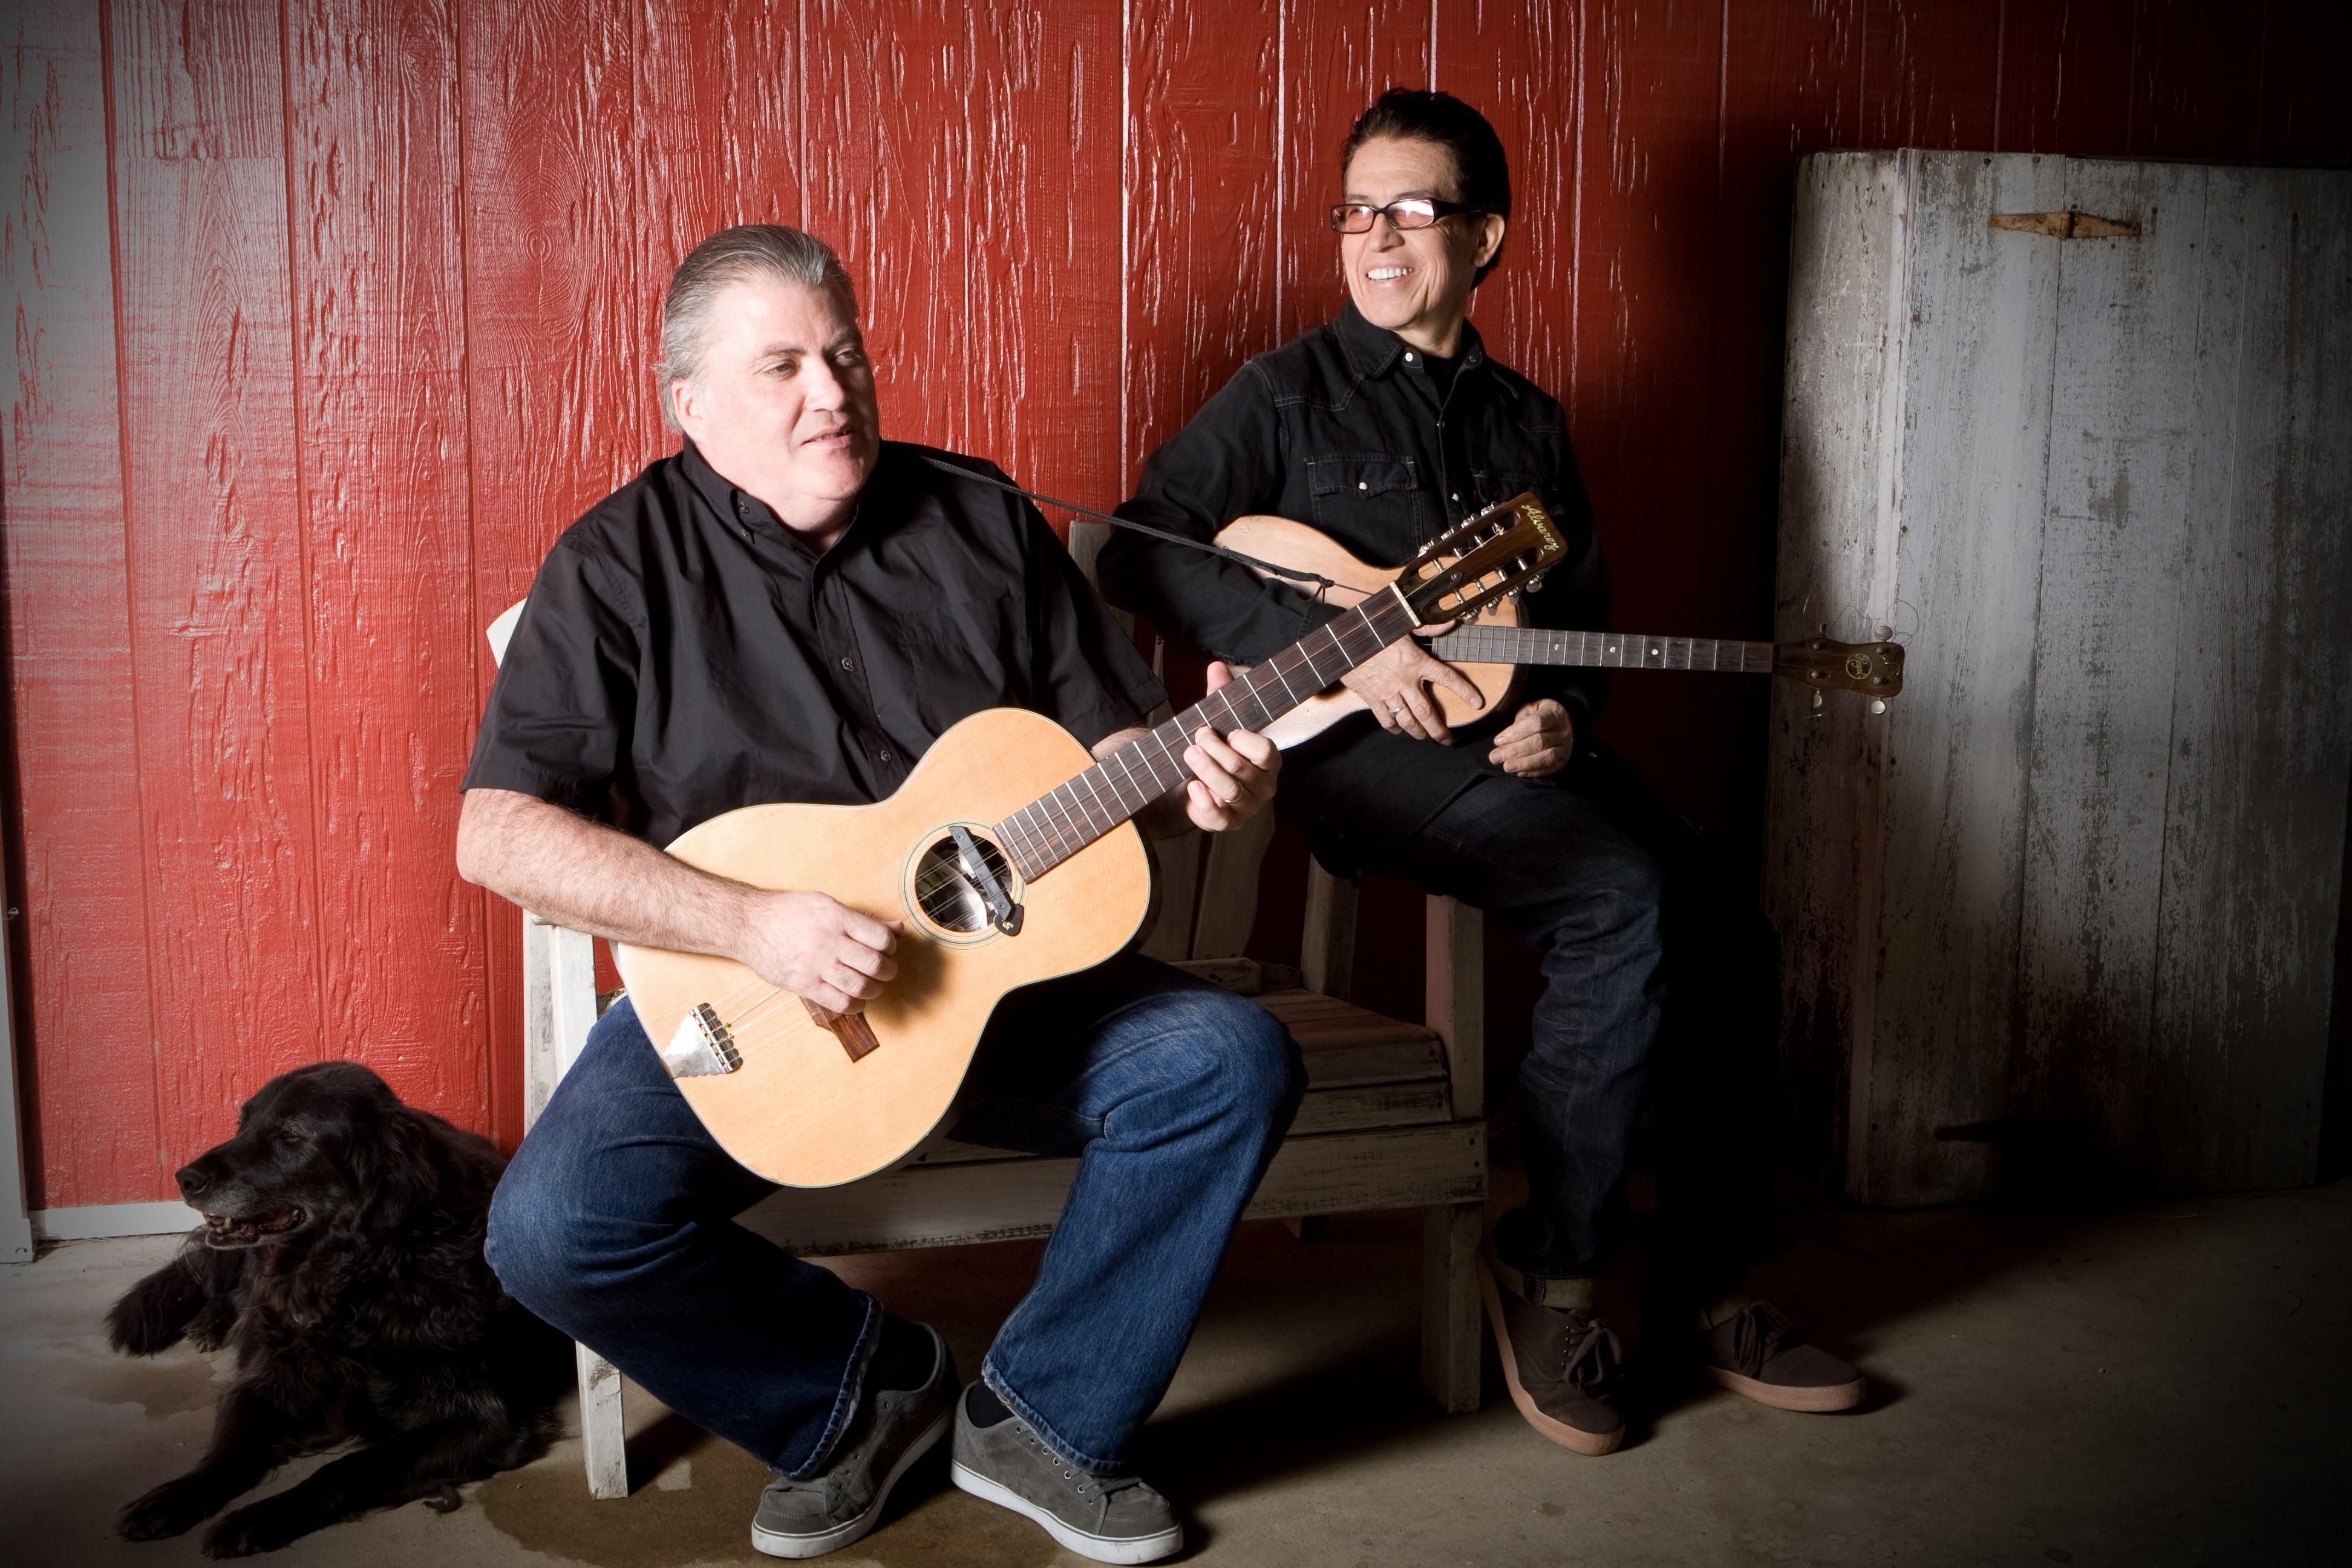 David Hidalgo and Louie Perez - PHOTO BY ANNA WEBBER